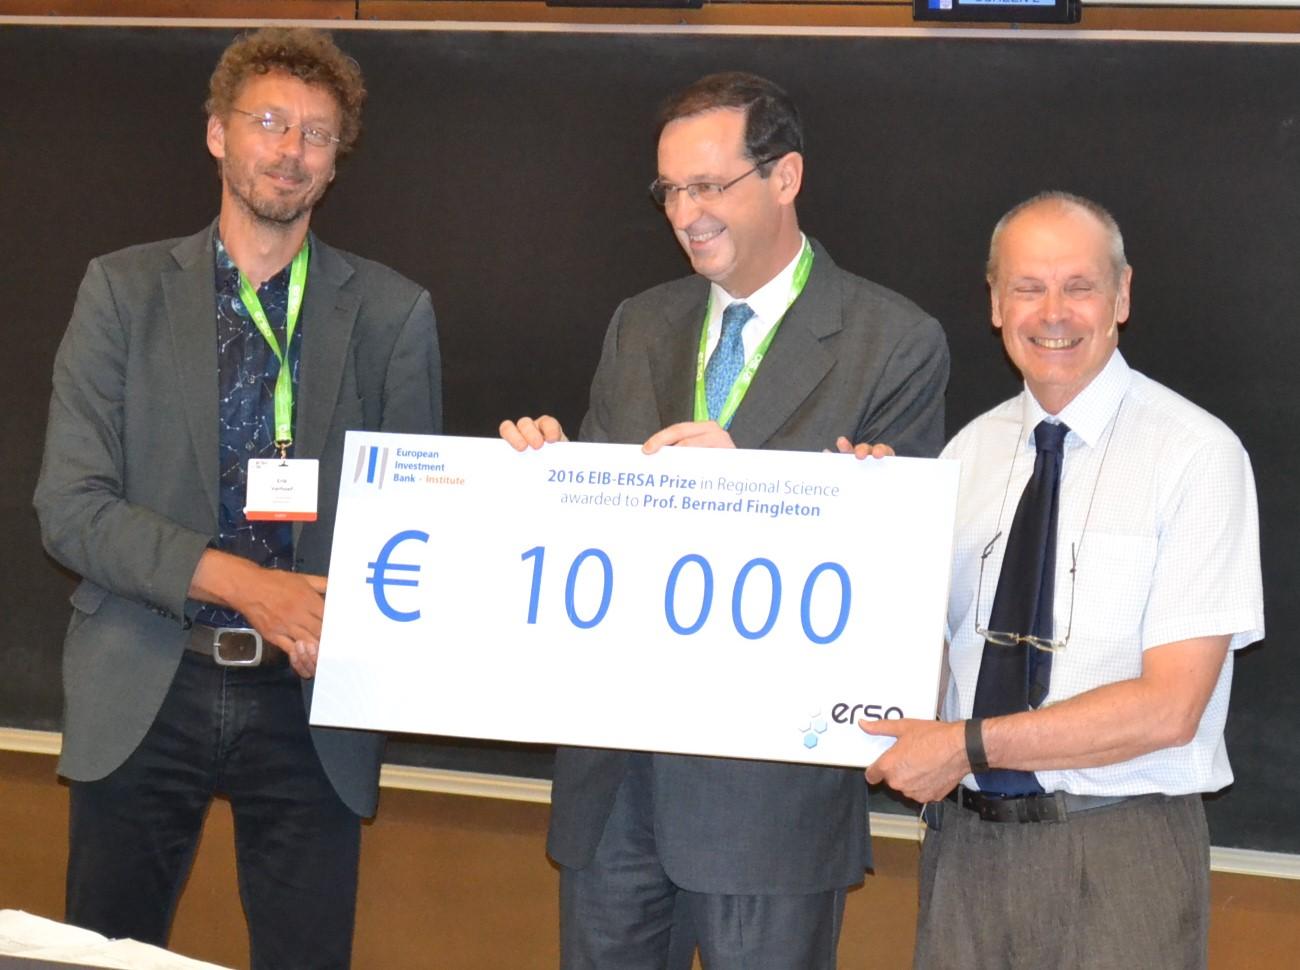 EIB_ERSA_Prize 2016